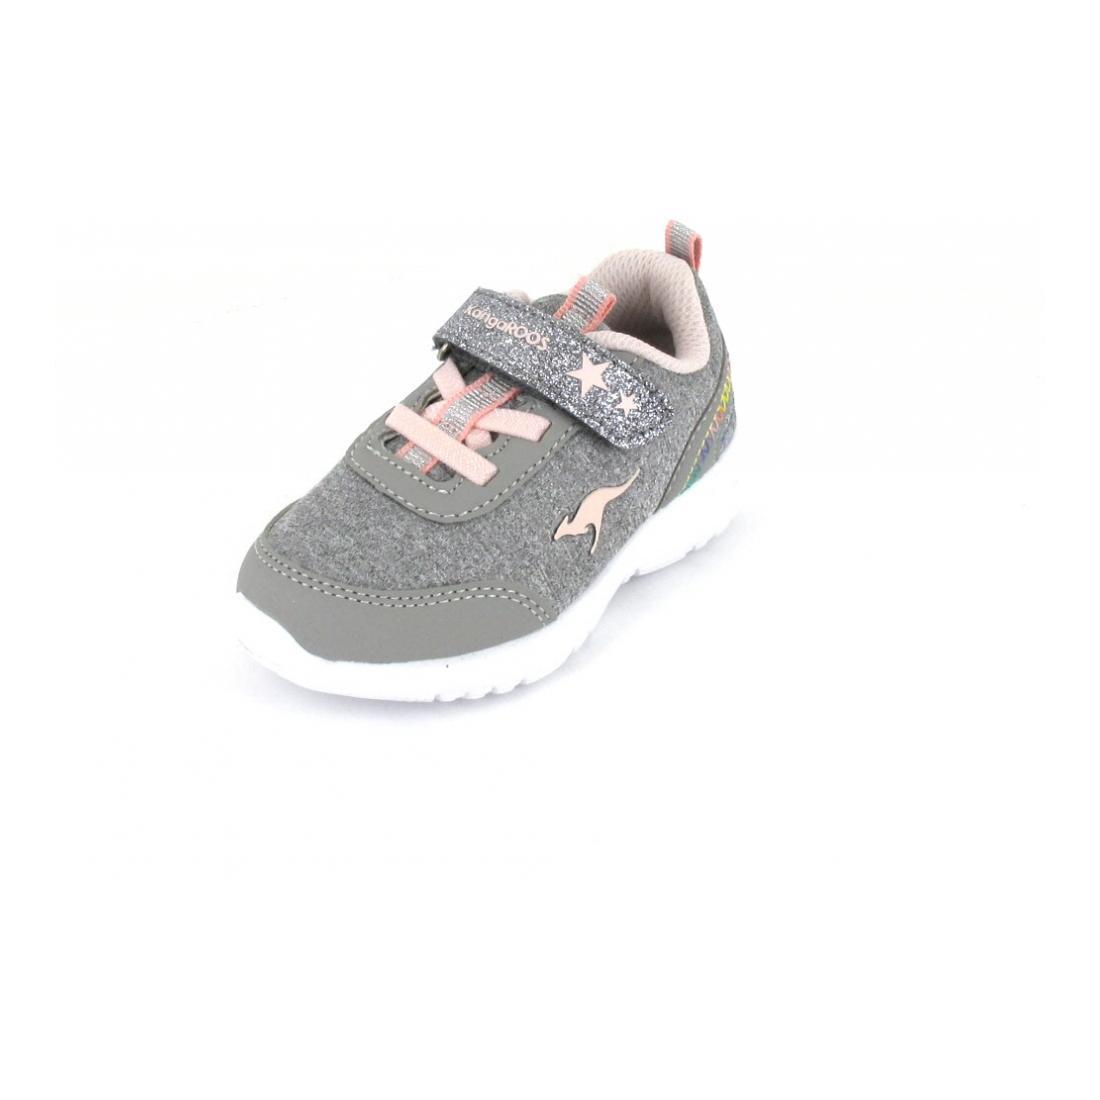 KangaRoos Sneaker KY-CITYLITE EV